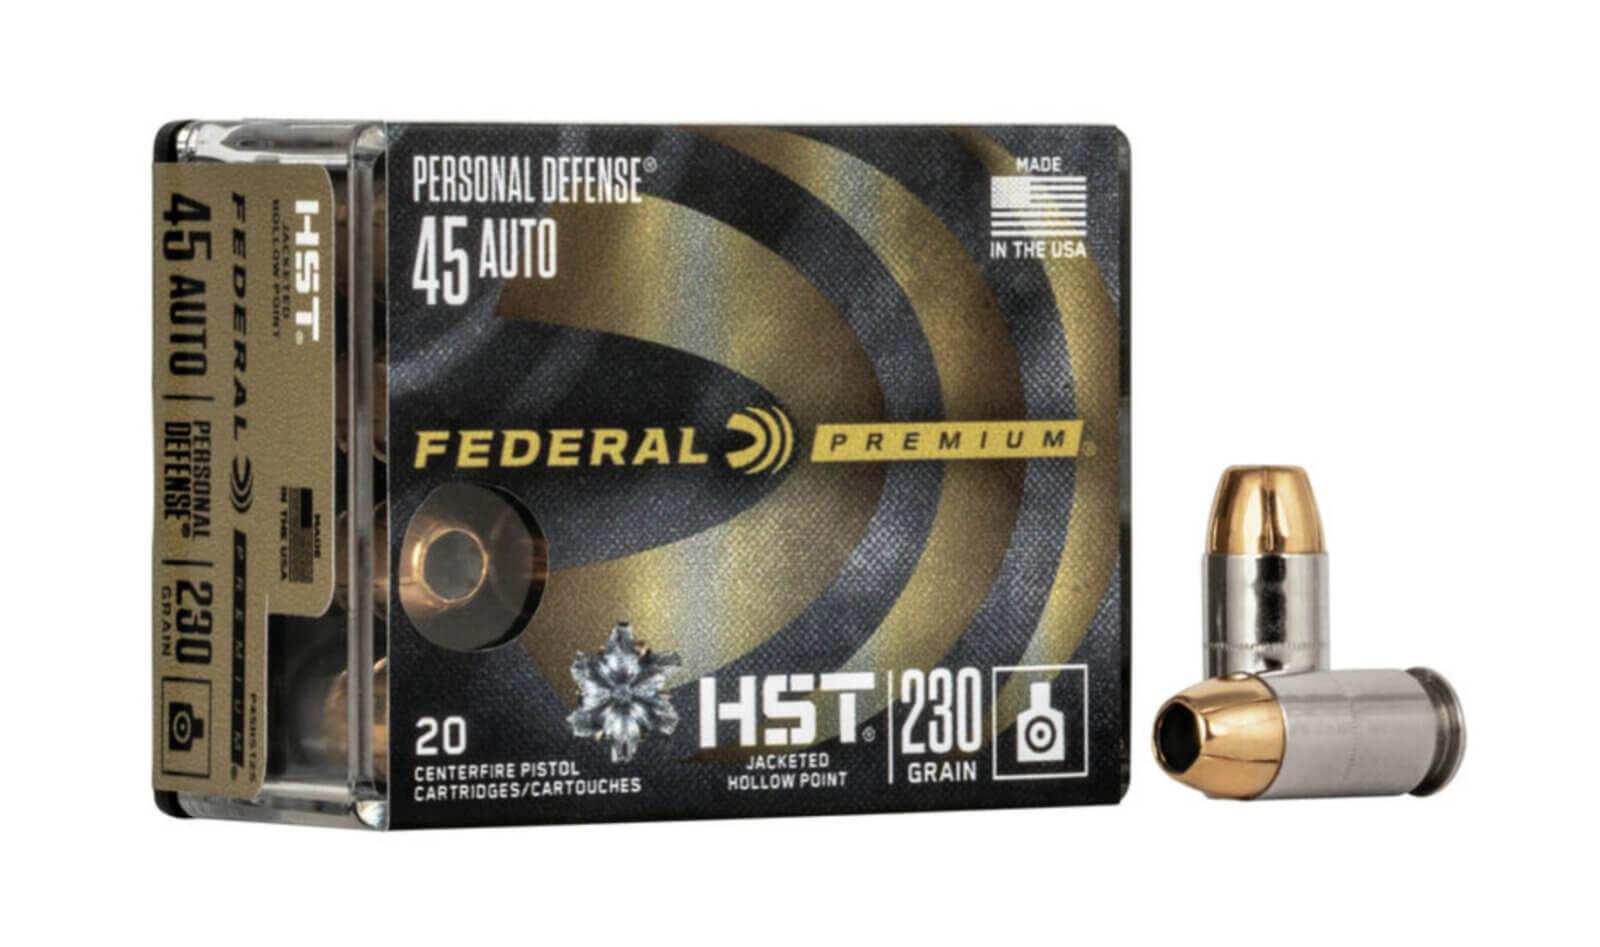 Federal Premium Personal Defense .45 Auto box of ammo